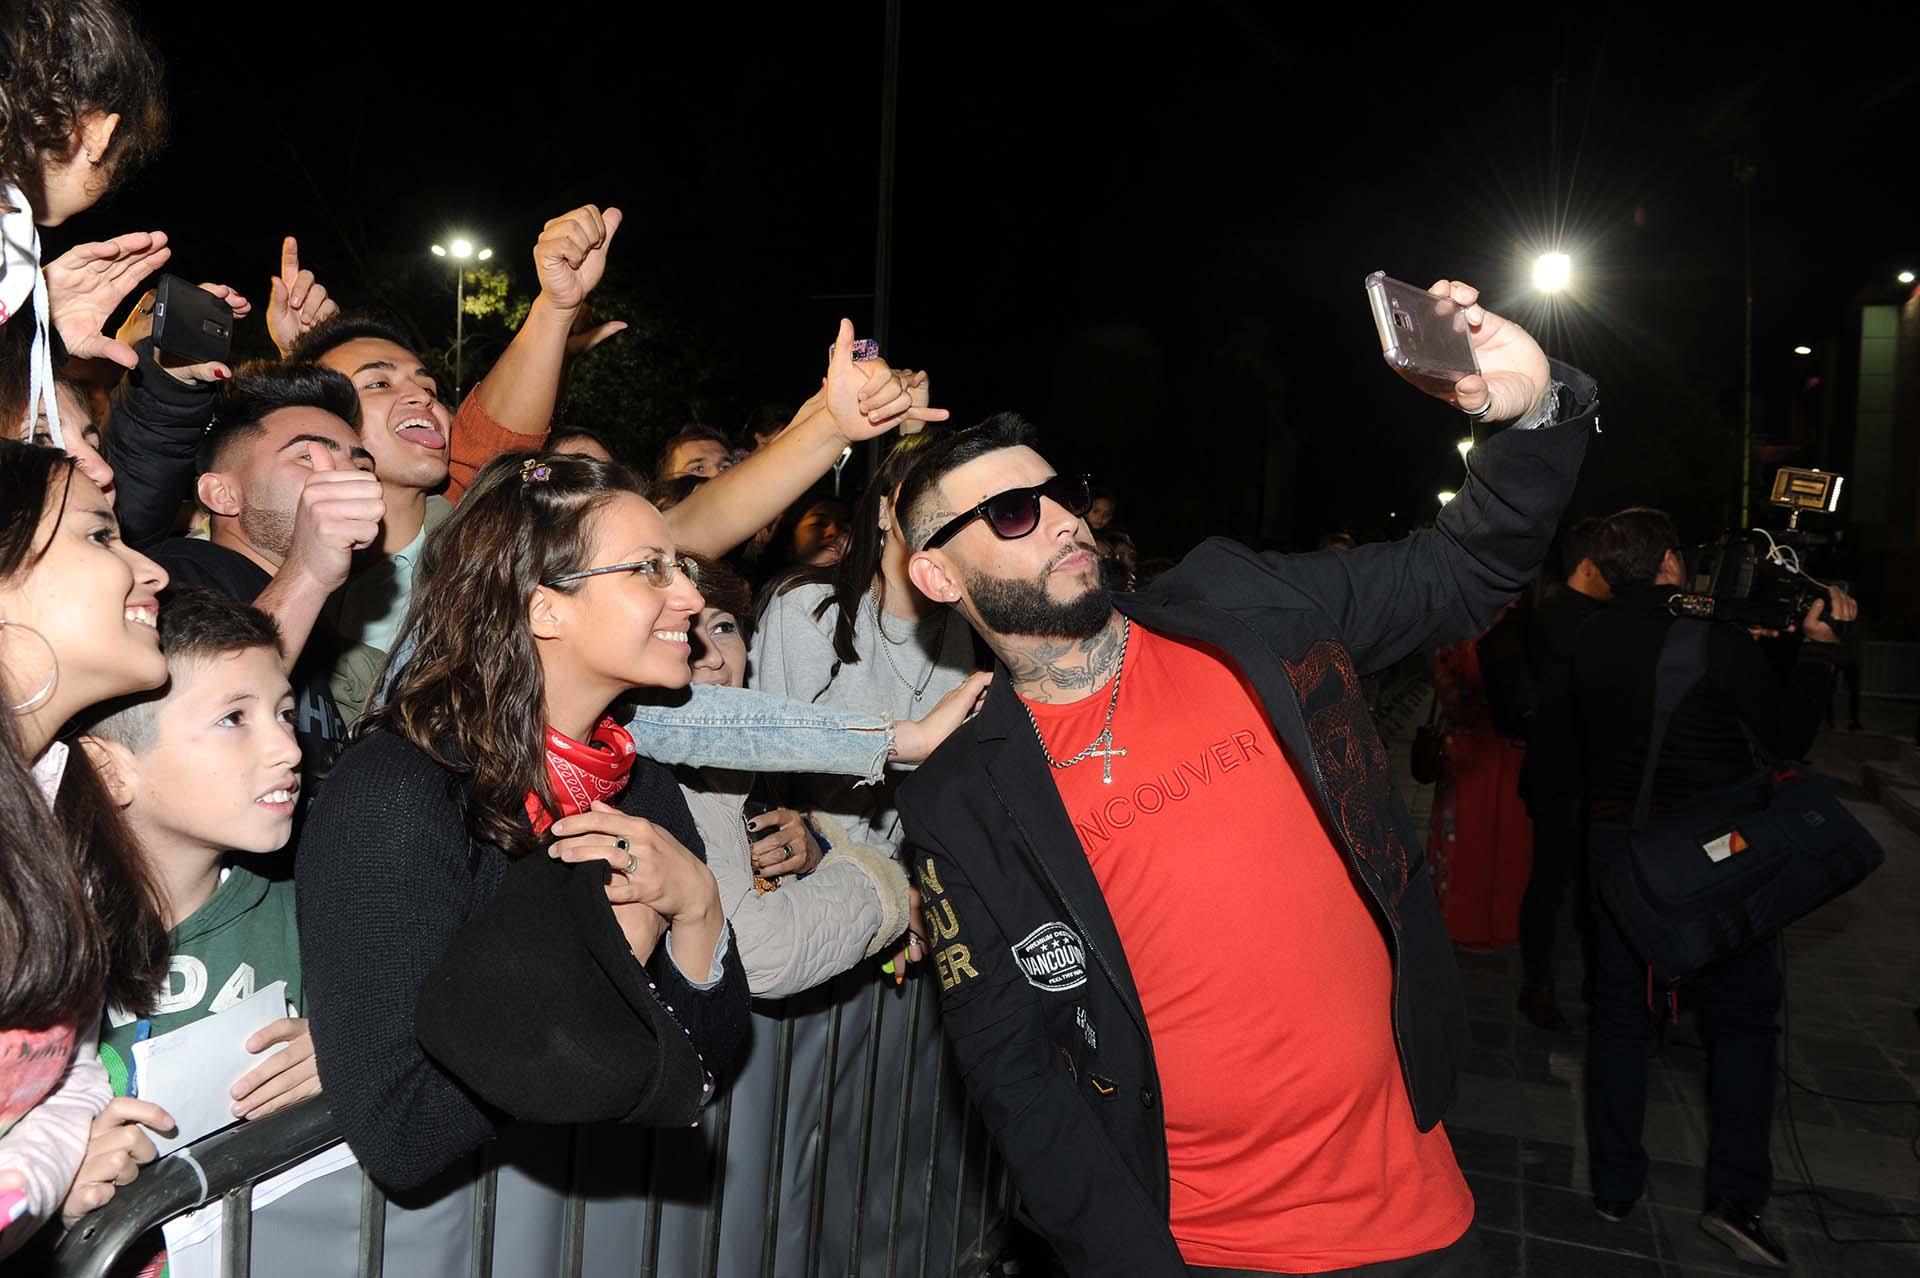 El musico Cordobes Ulises Bueno, al ingresar al Auditorio Ángel Bustelo, de Mendoza, para participar de la ceremonia de la 21a. entrega de los Premios Gardel. (Foto: Télam)